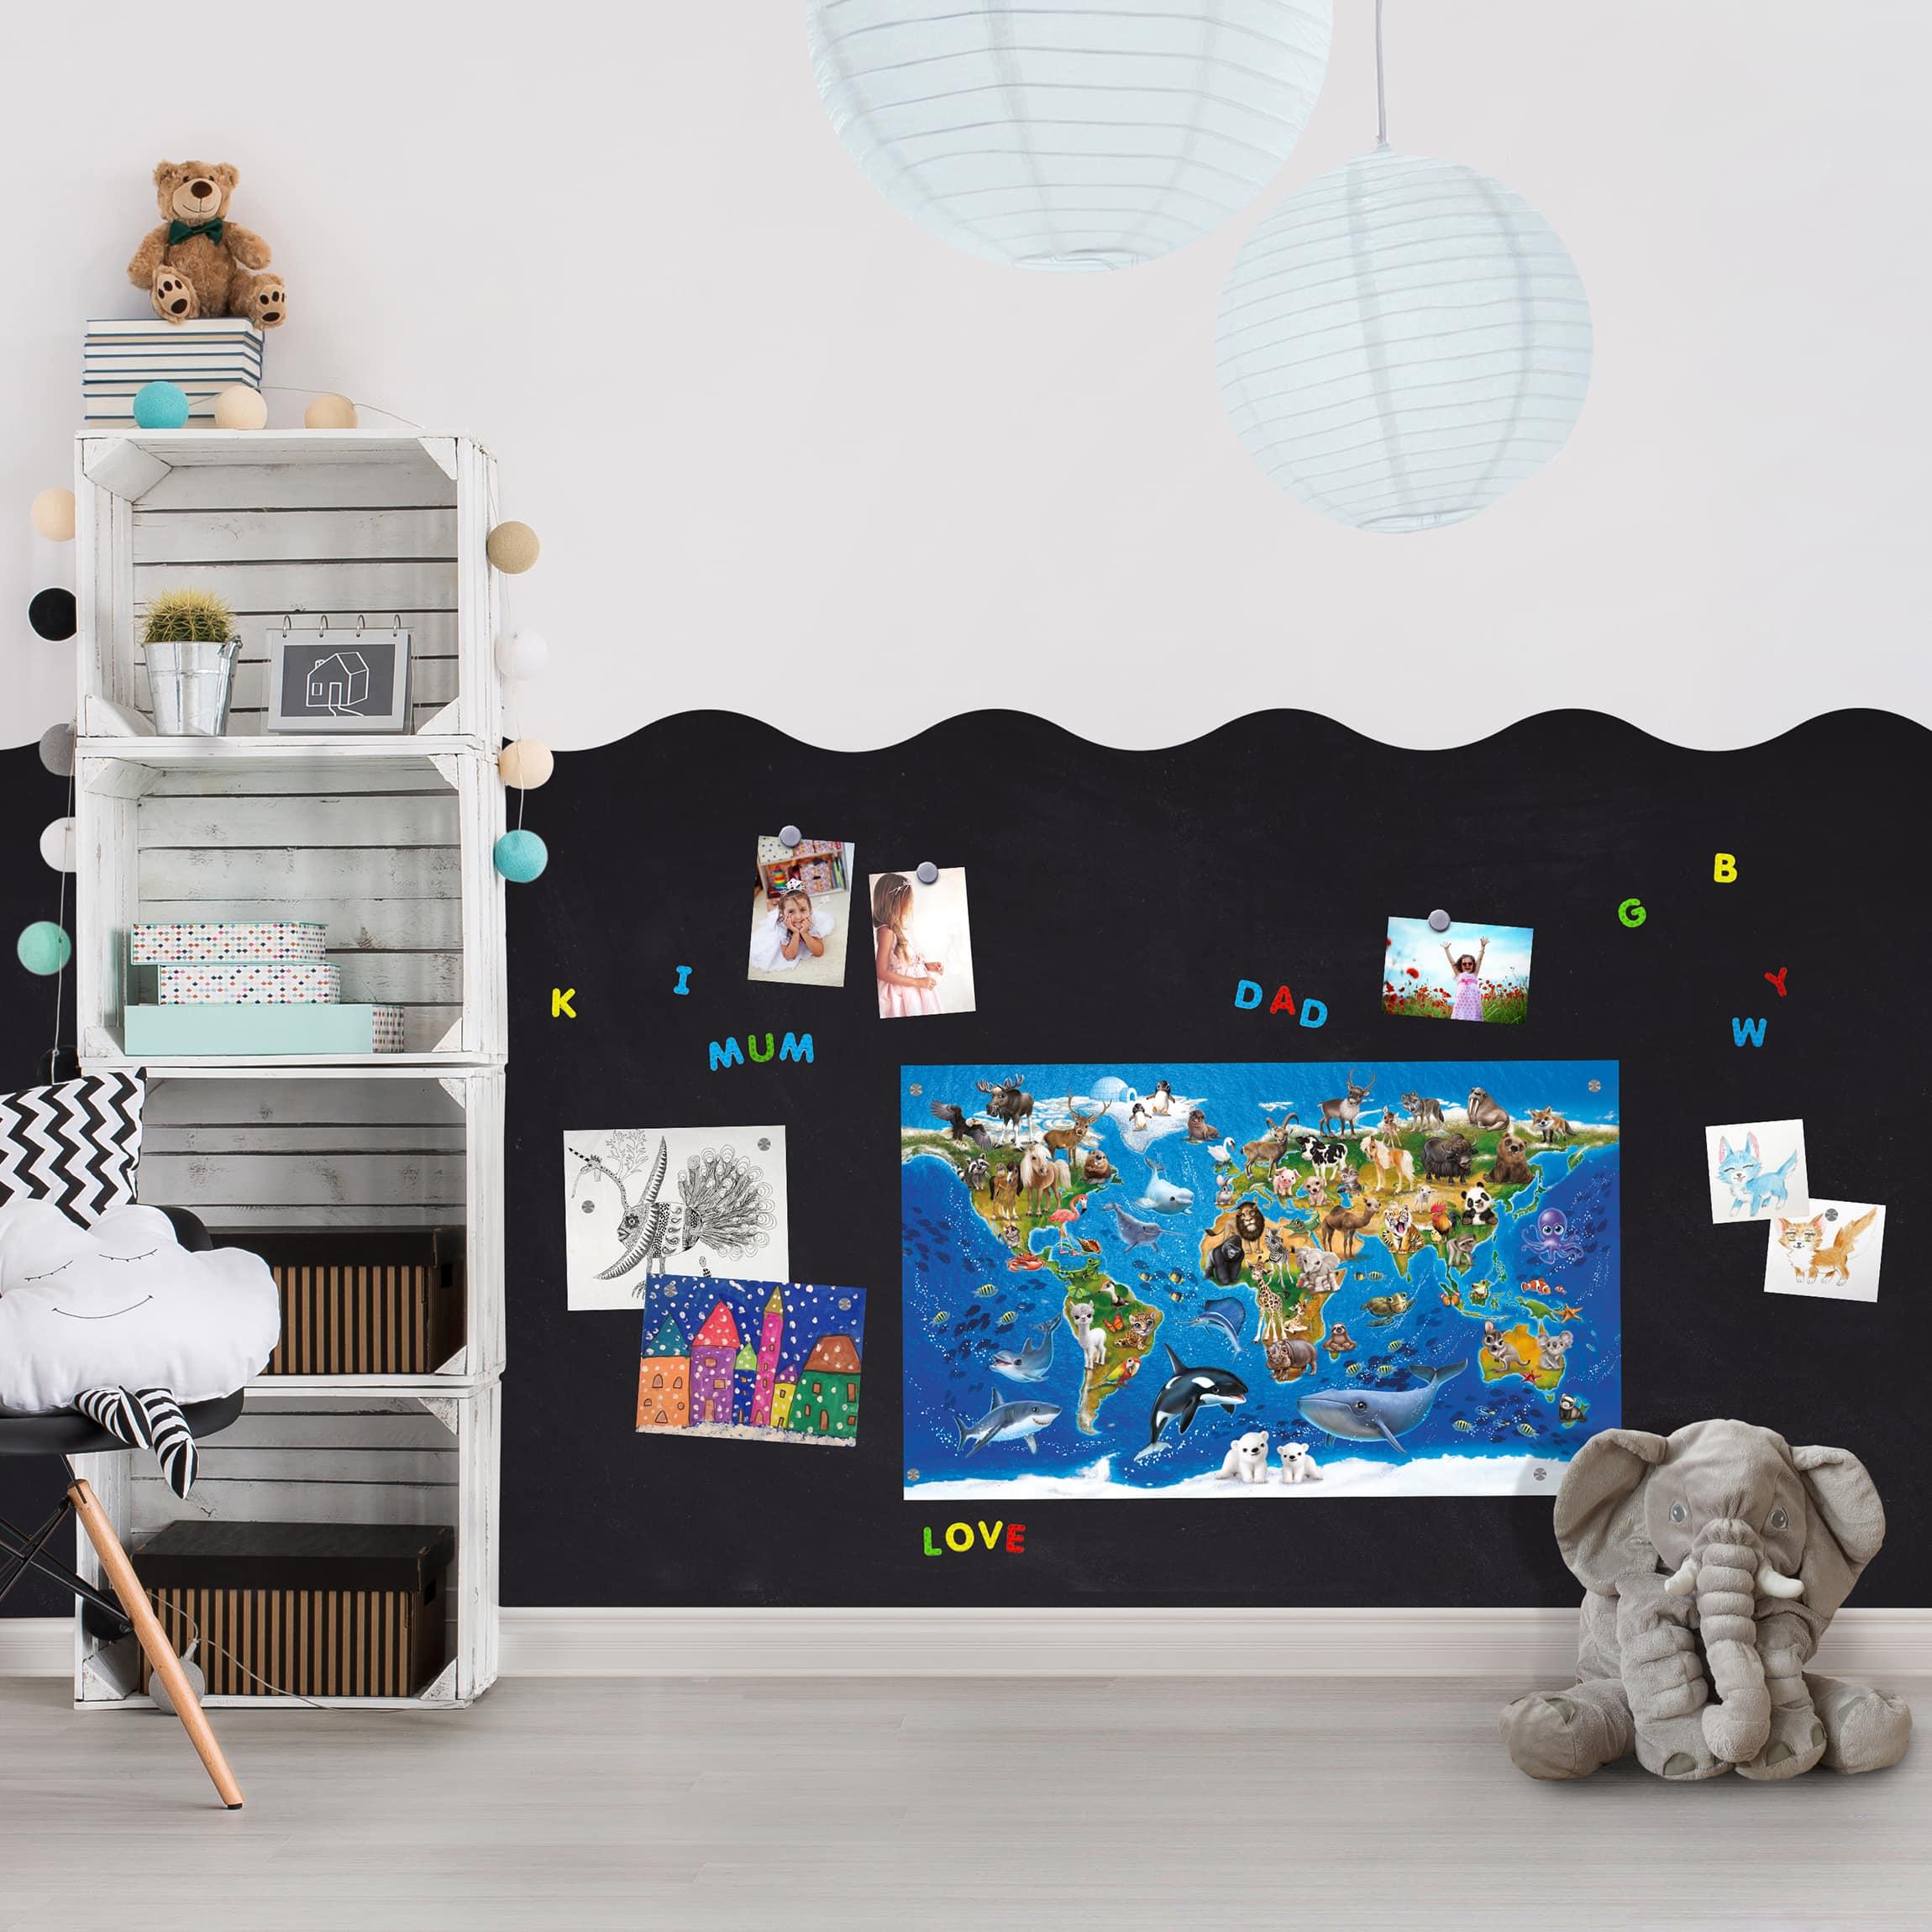 Full Size of Magnetfolie Magnetwand Selbstklebend Kinderzimmer Küche Ohne Oberschränke Edelstahlküche Gebraucht Schwingtür Sitzecke Handtuchhalter Läufer Armaturen Wohnzimmer Magnetwand Küche